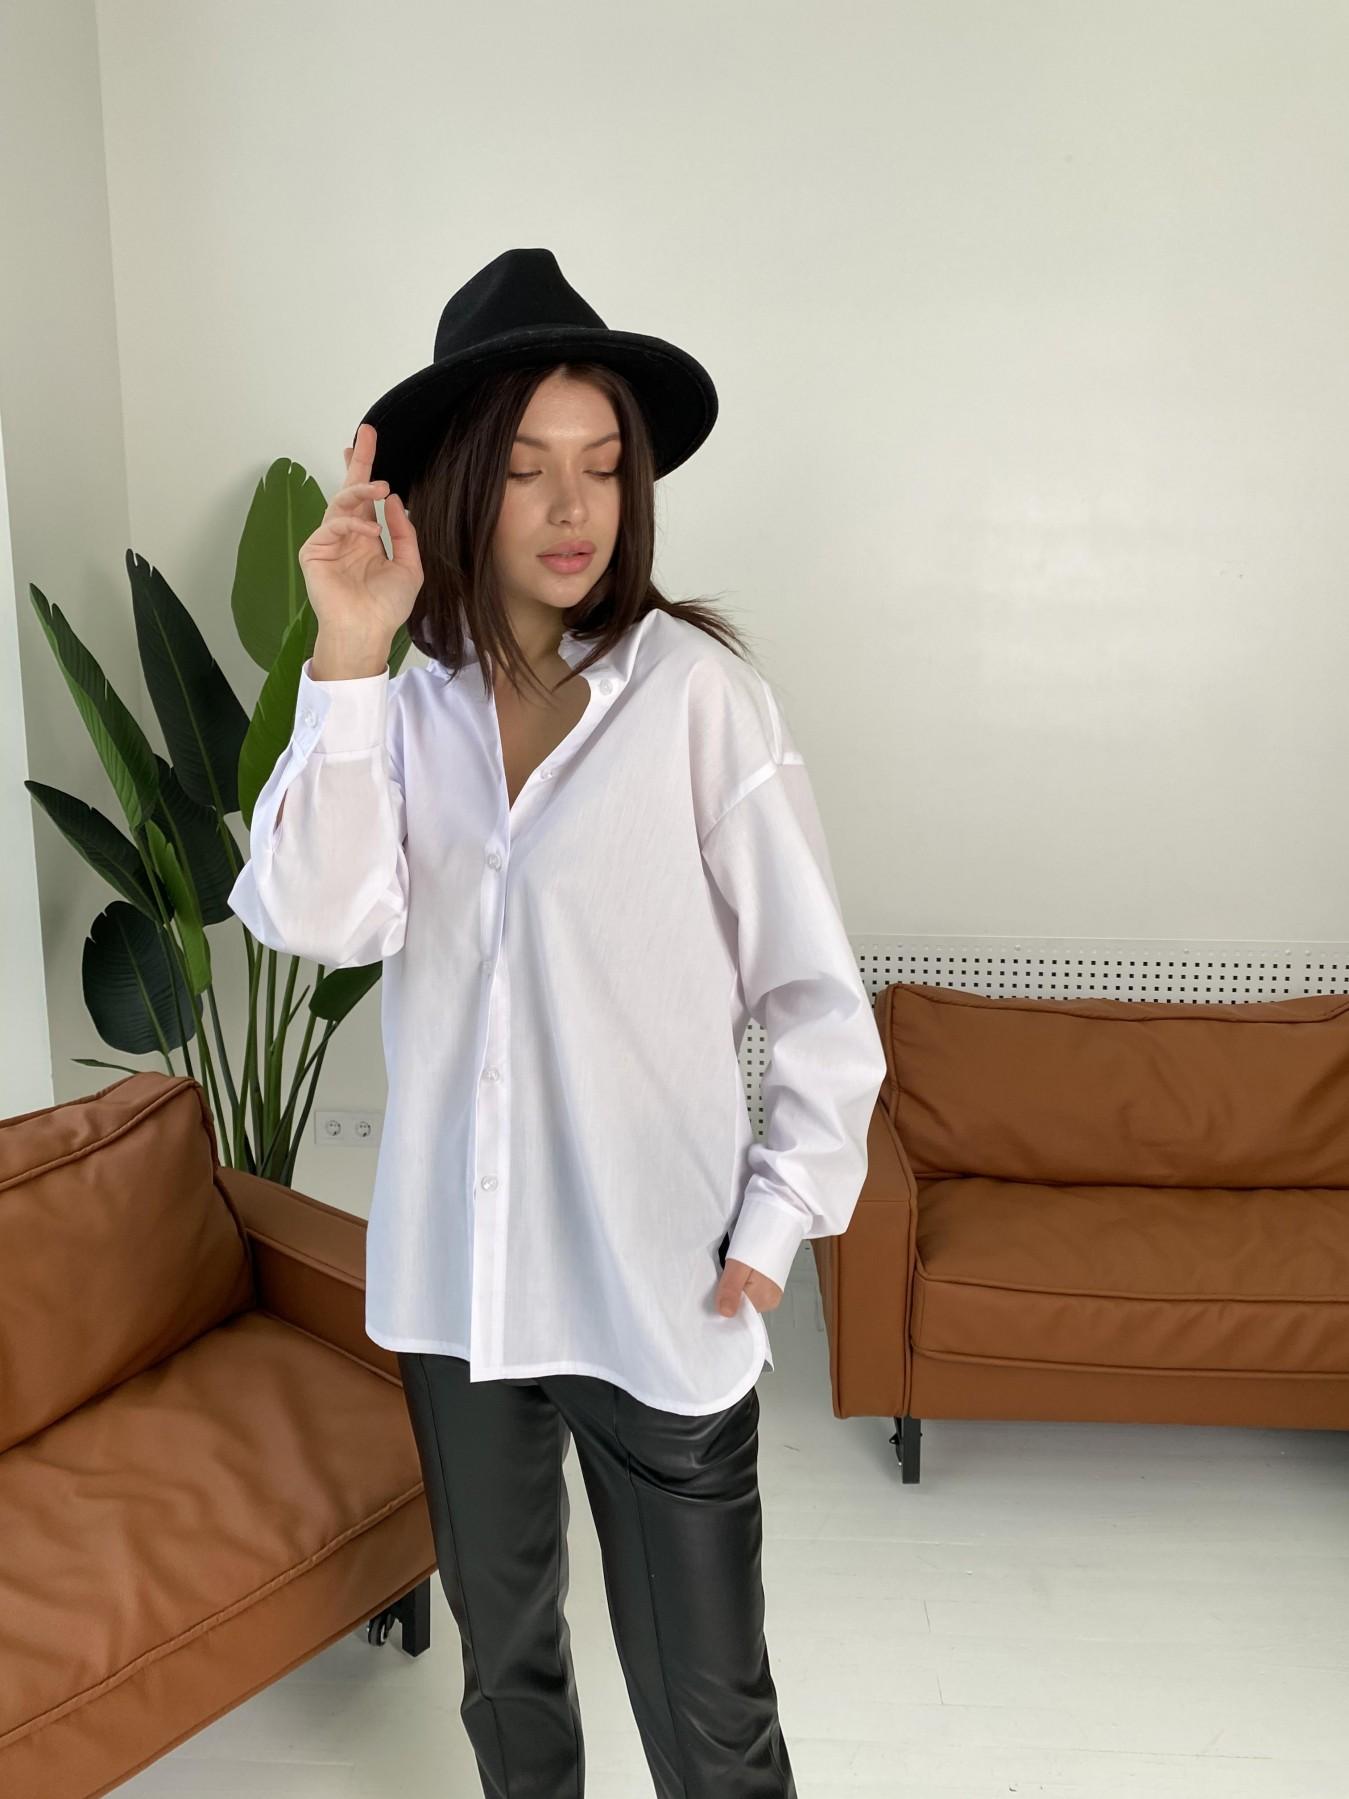 Найс рубашка из хлопковой ткани 10808 АРТ. 47287 Цвет: Белый - фото 1, интернет магазин tm-modus.ru